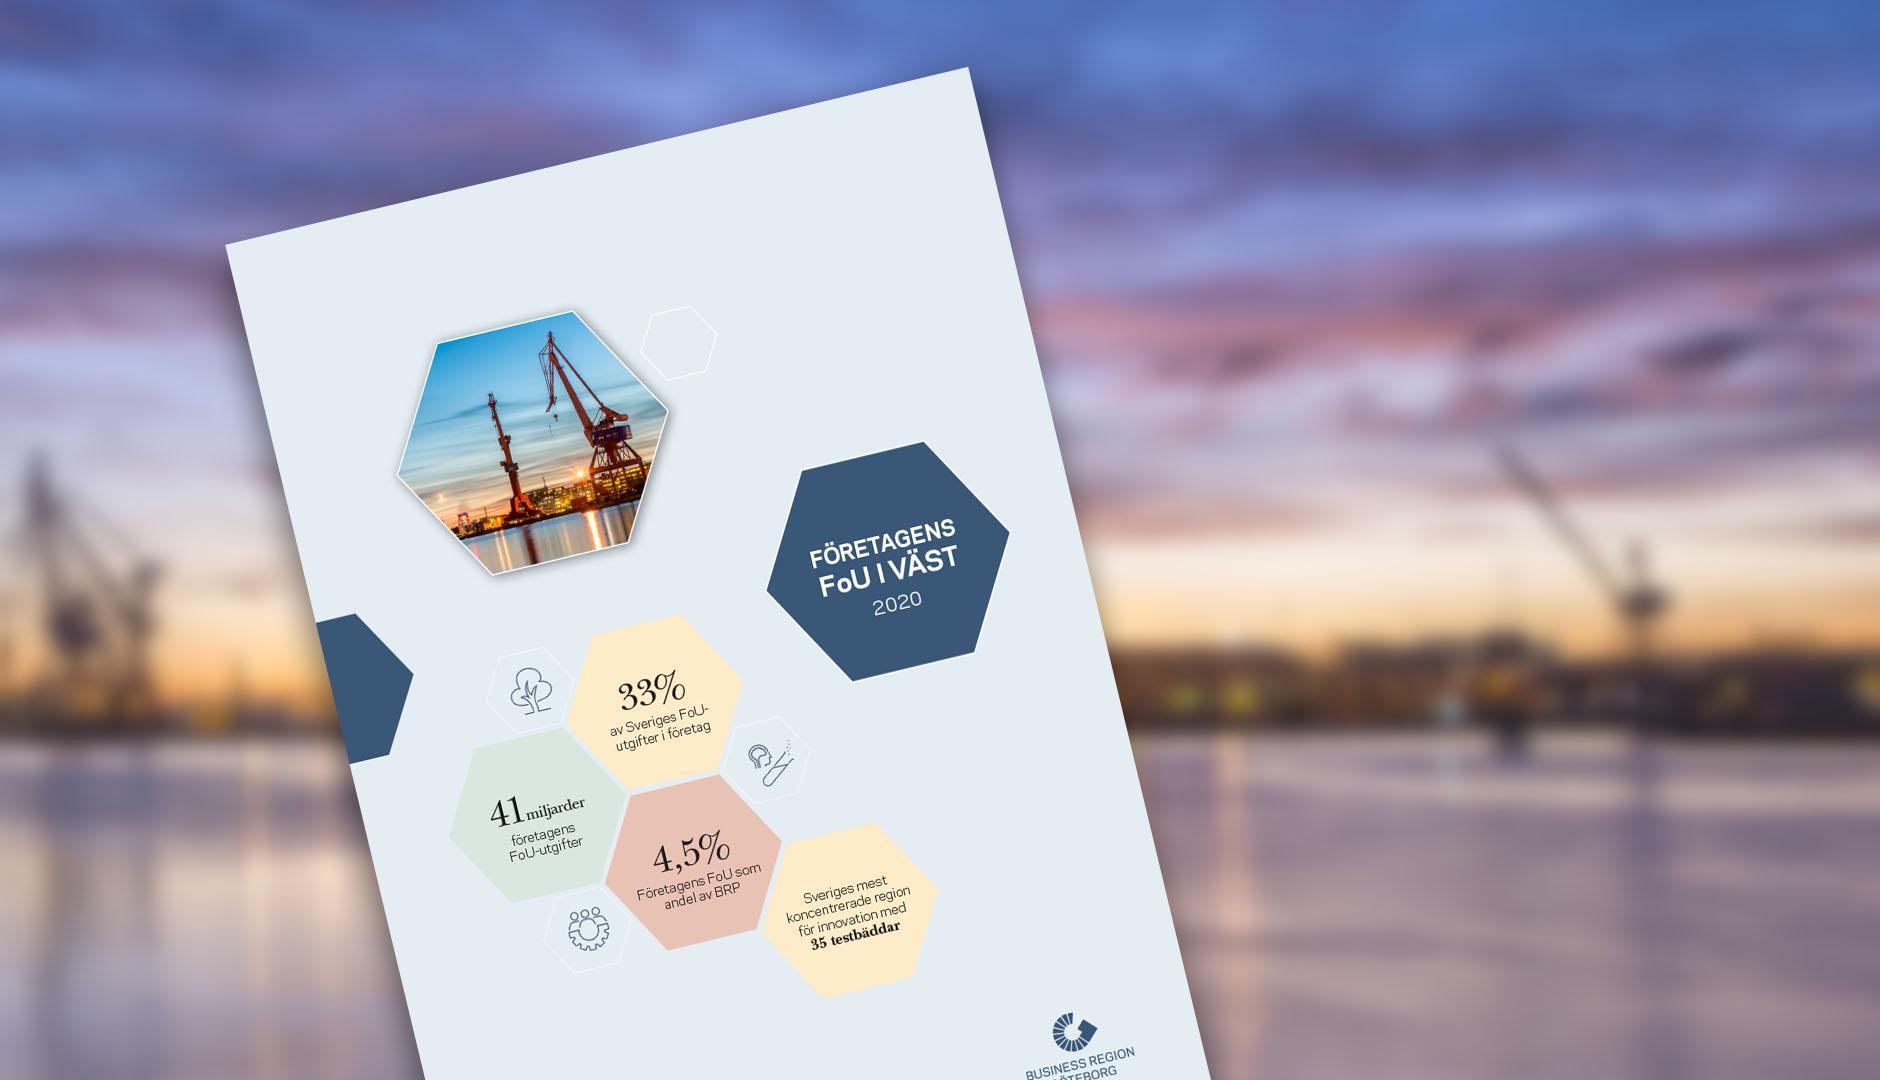 FoU i väst rapport med bakgrundsbild av Göteborg